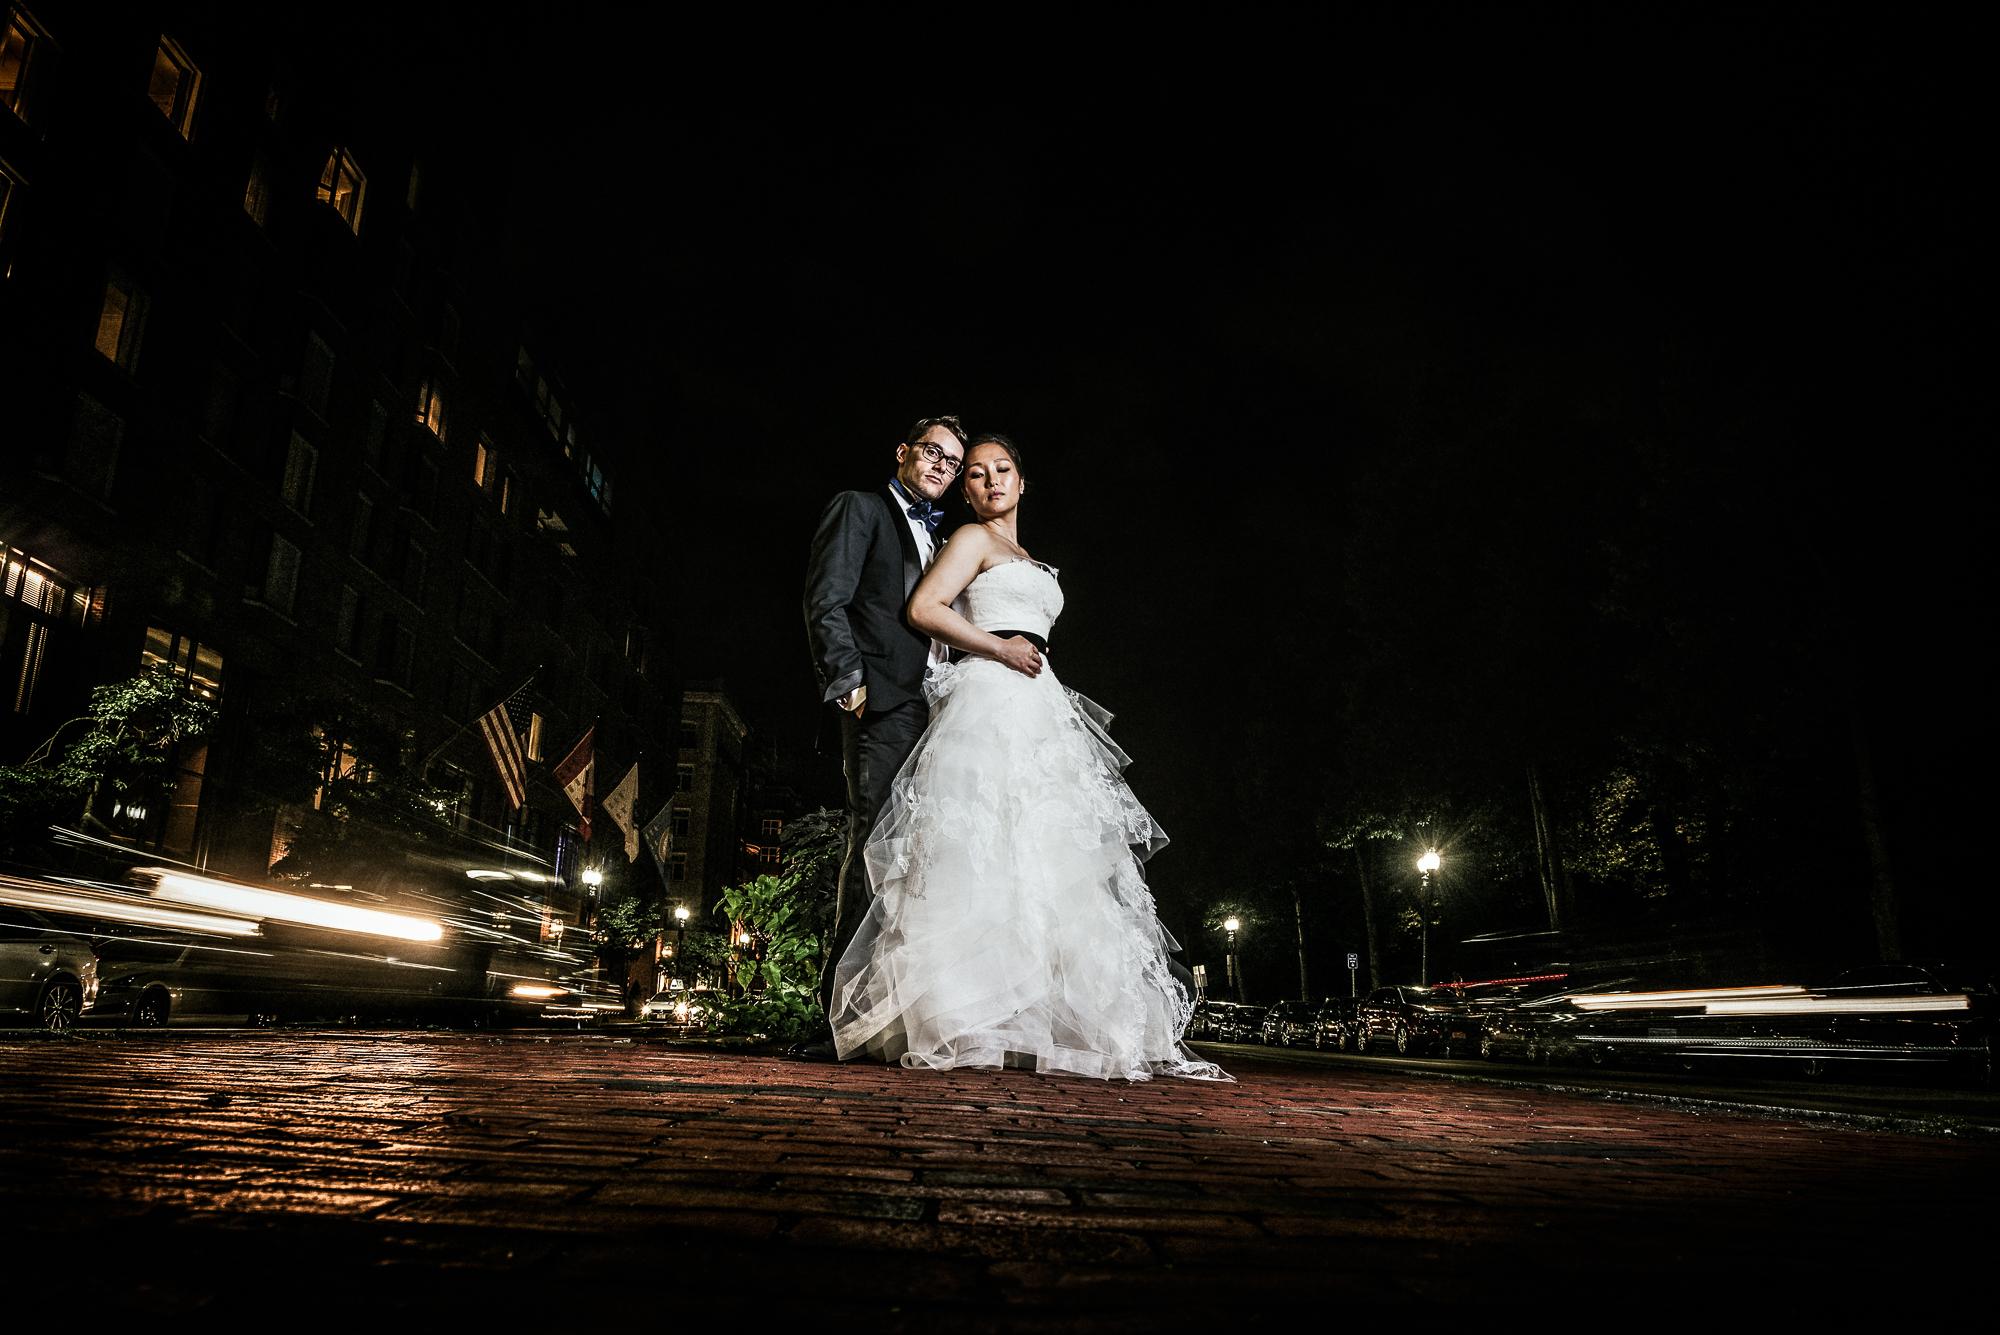 Christian Pleva Images. S&J Wedding-1022.jpg